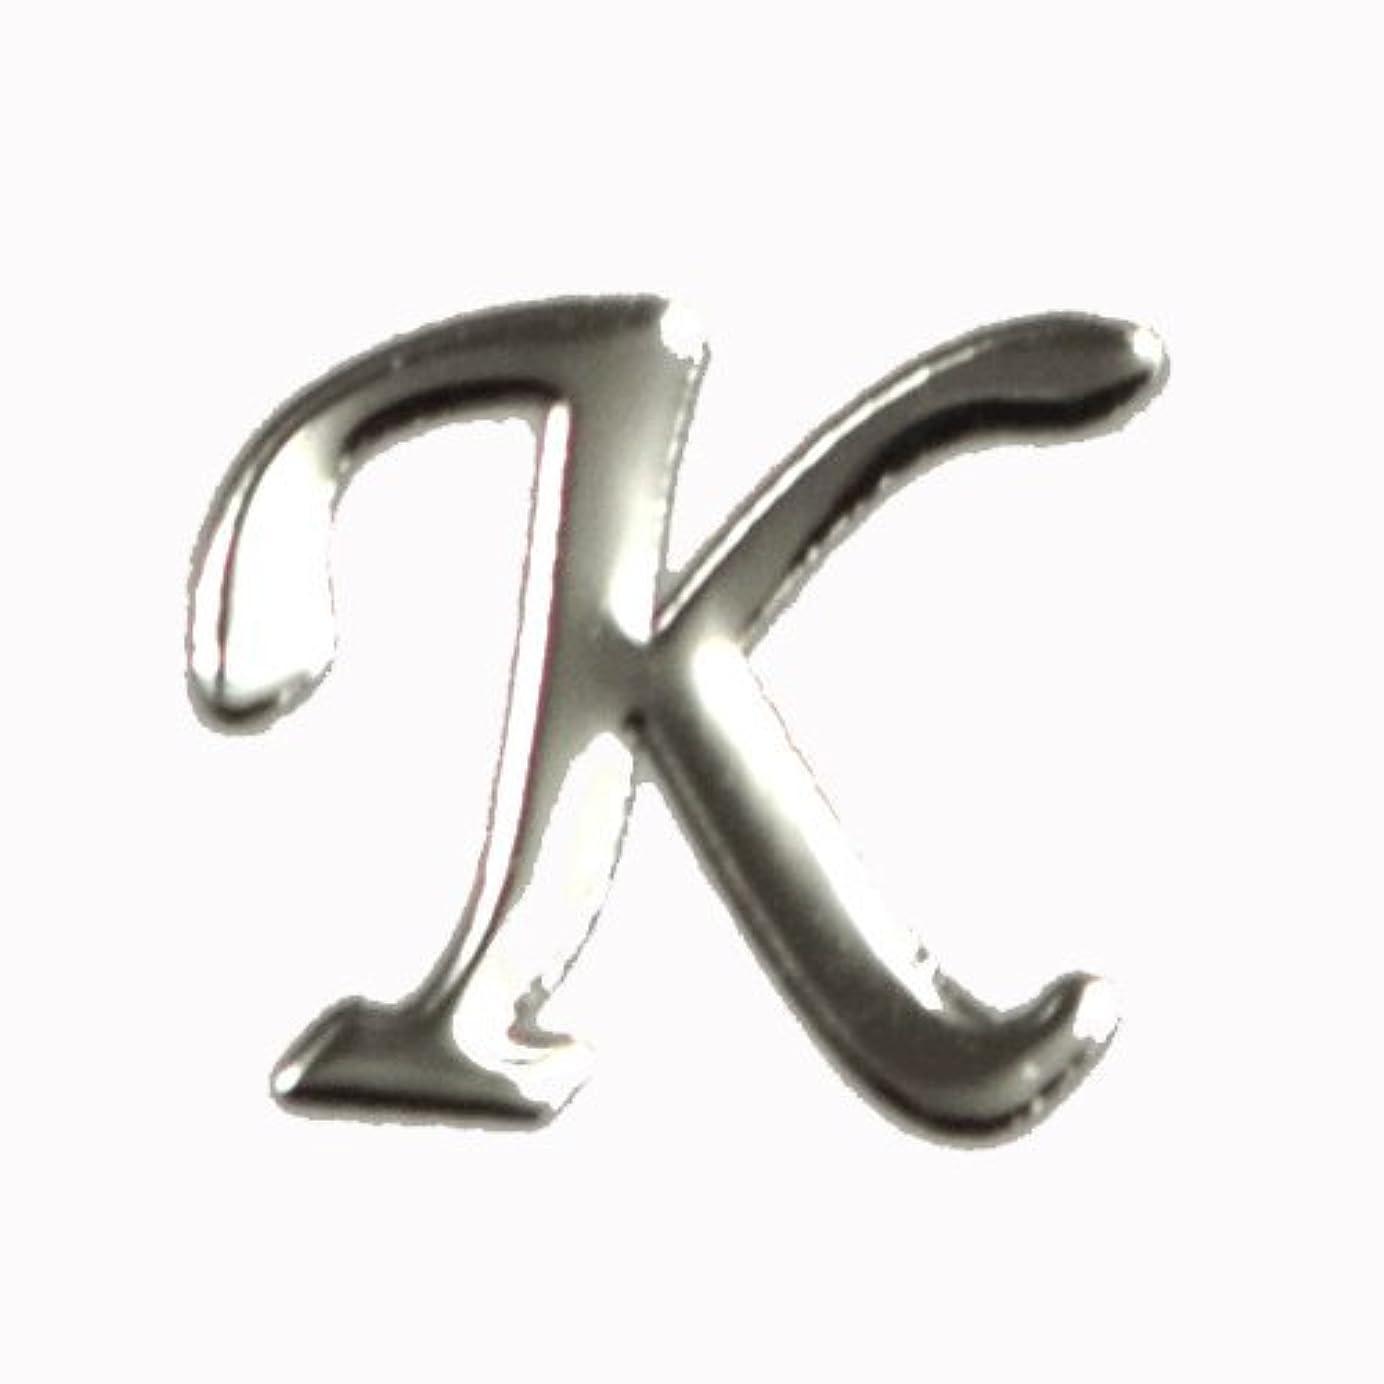 ナイトスポット背骨クックアルファベット 薄型メタルパーツ 20枚 /片面仕上げ イニシャルパーツ SILVER (K / 5x6mm)